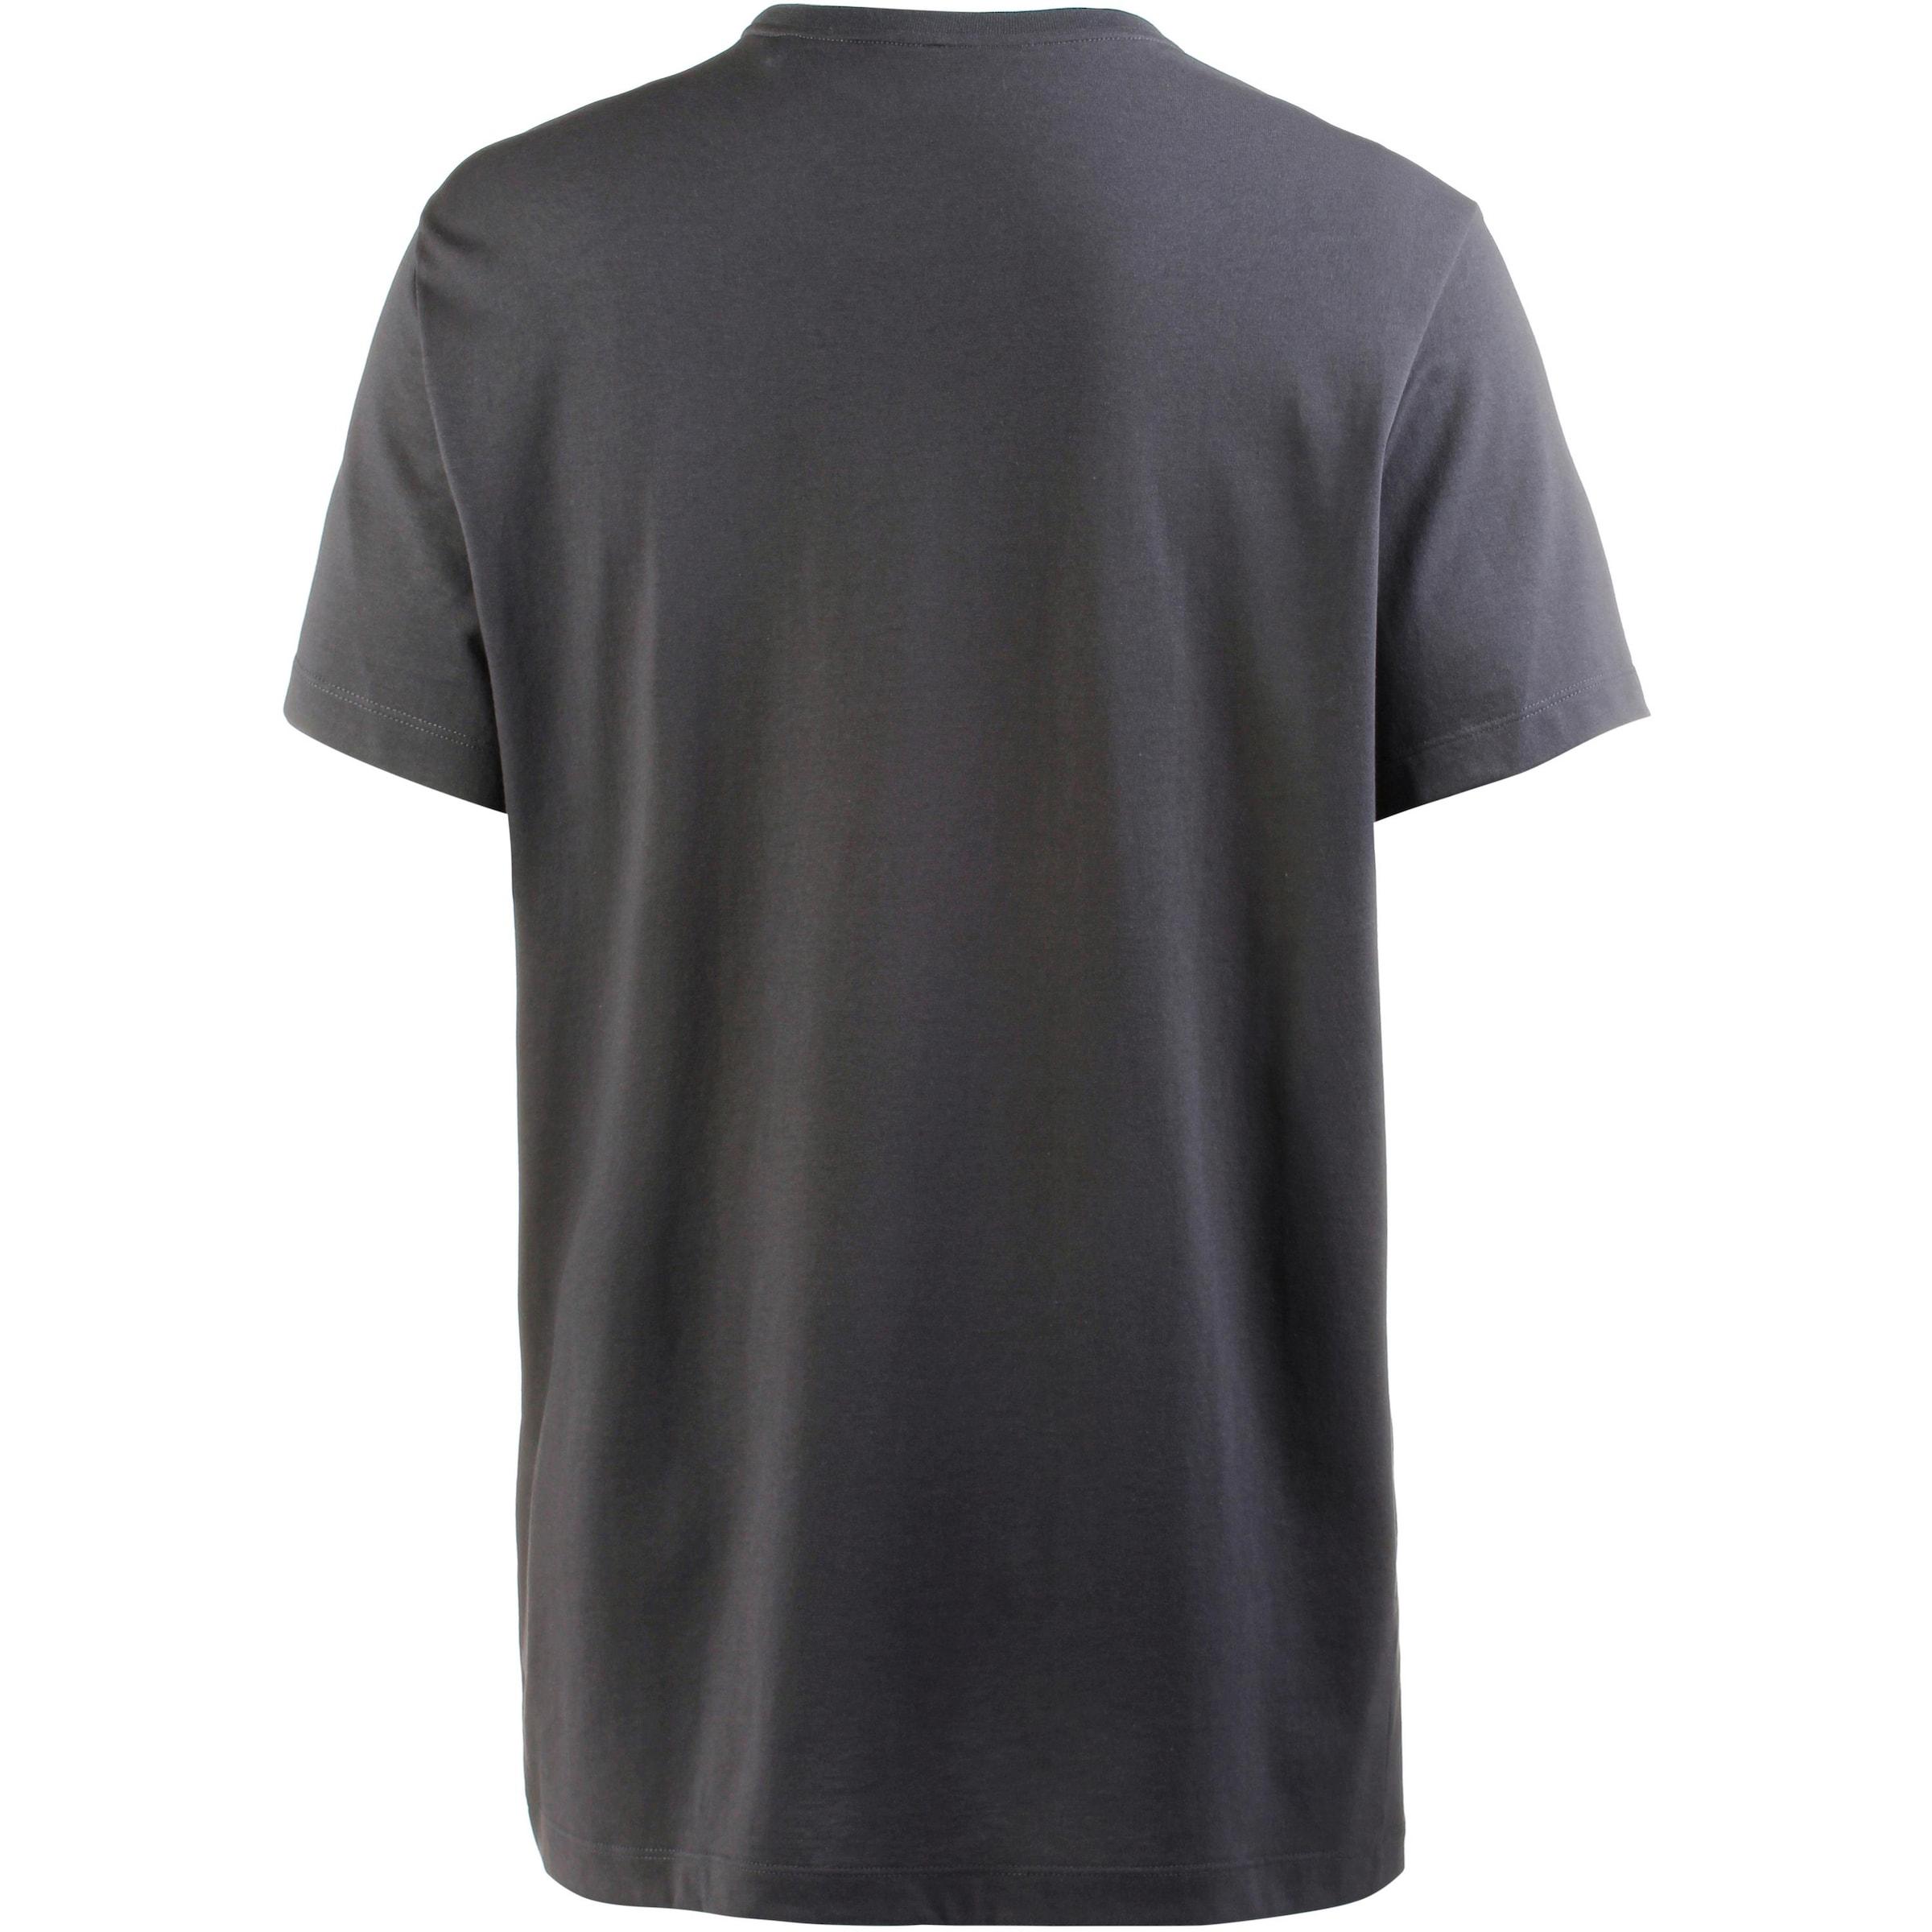 JACK WOLFSKIN 'Slogan T' T-Shirt Herren Outlet Mode-Stil Rabatt Ebay Billig Verkauf Bestseller 0mm1g